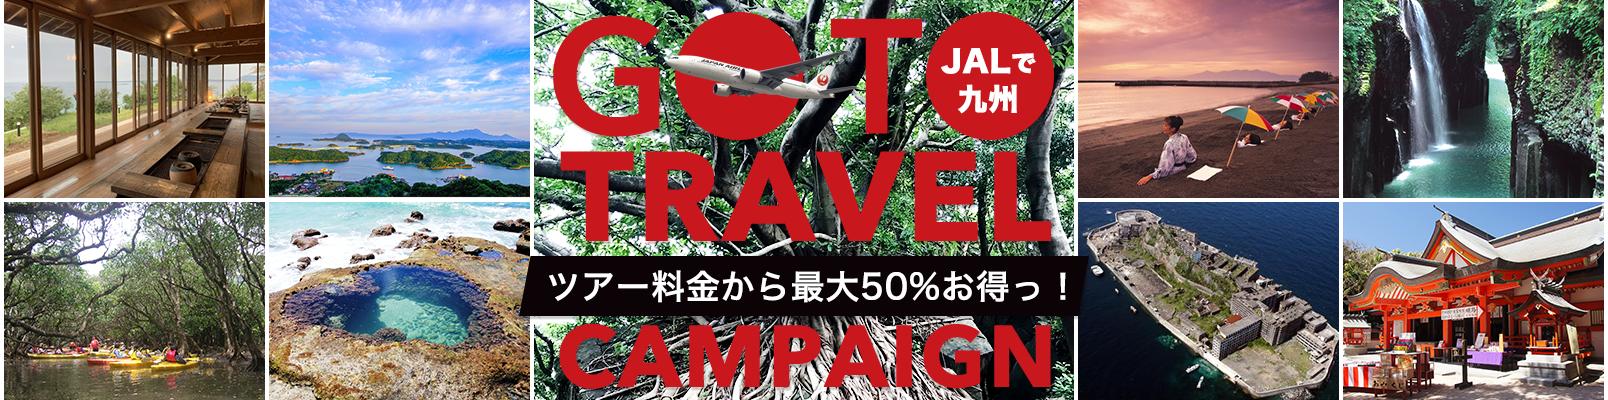 九州 GoTo トラベルキャンペーン